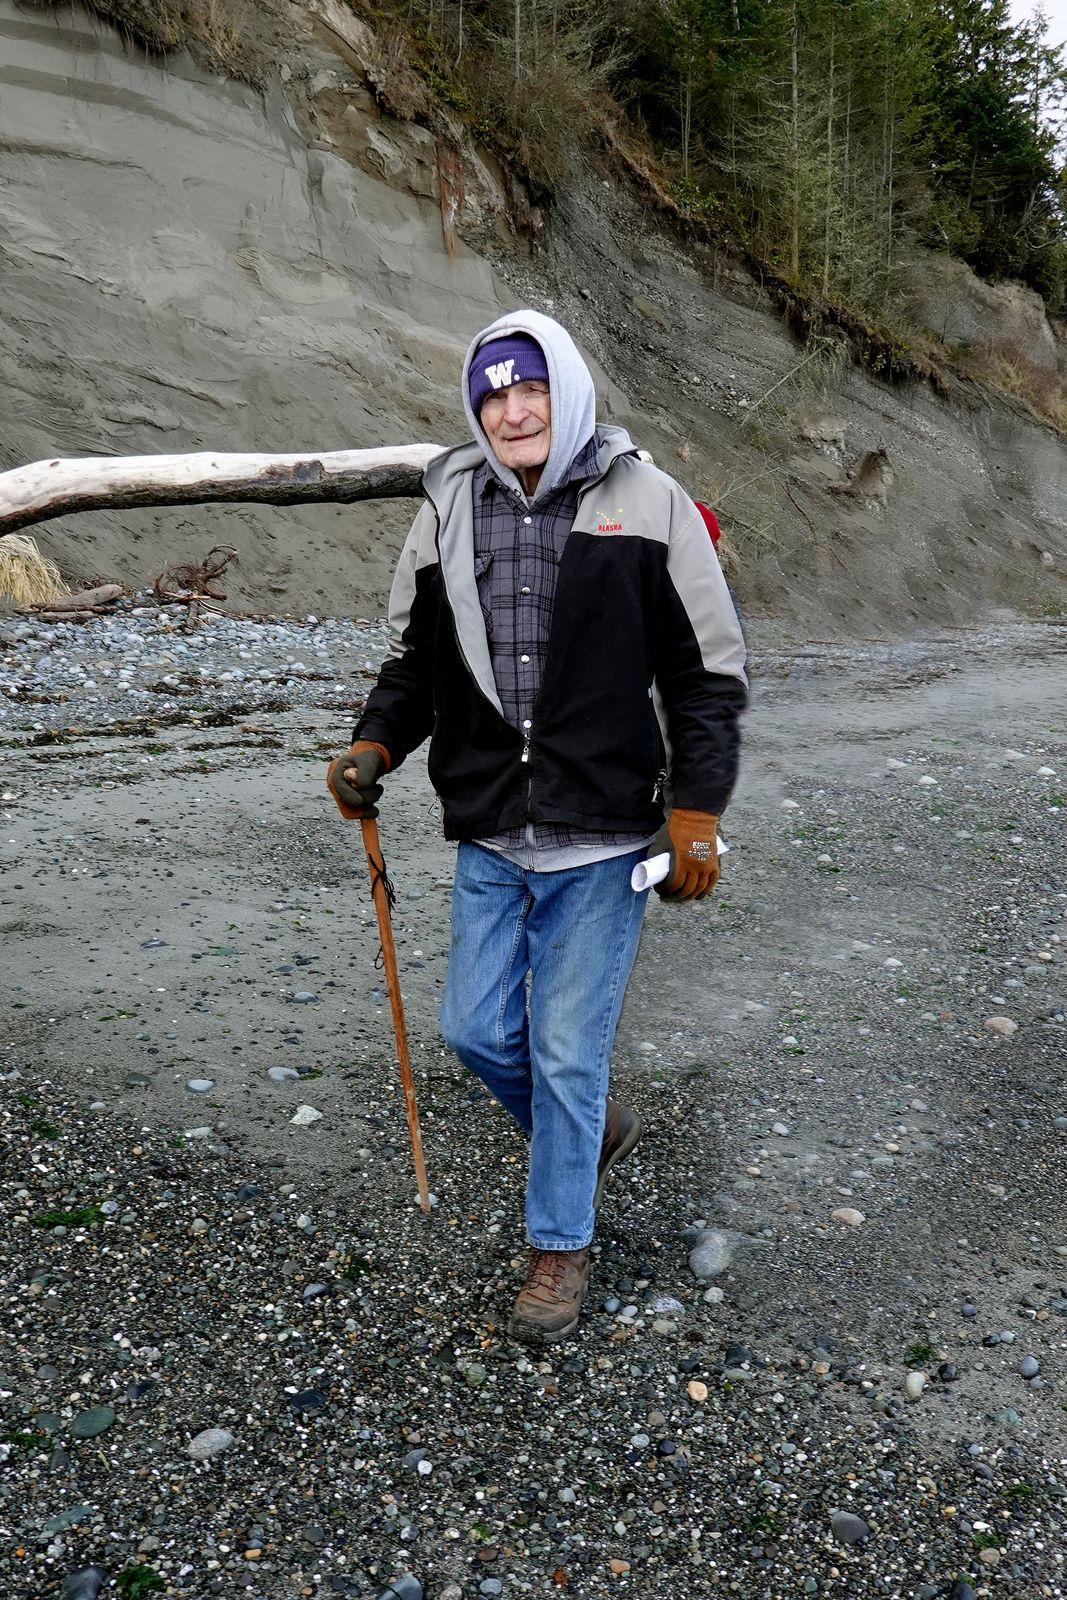 Our hike leader Jack